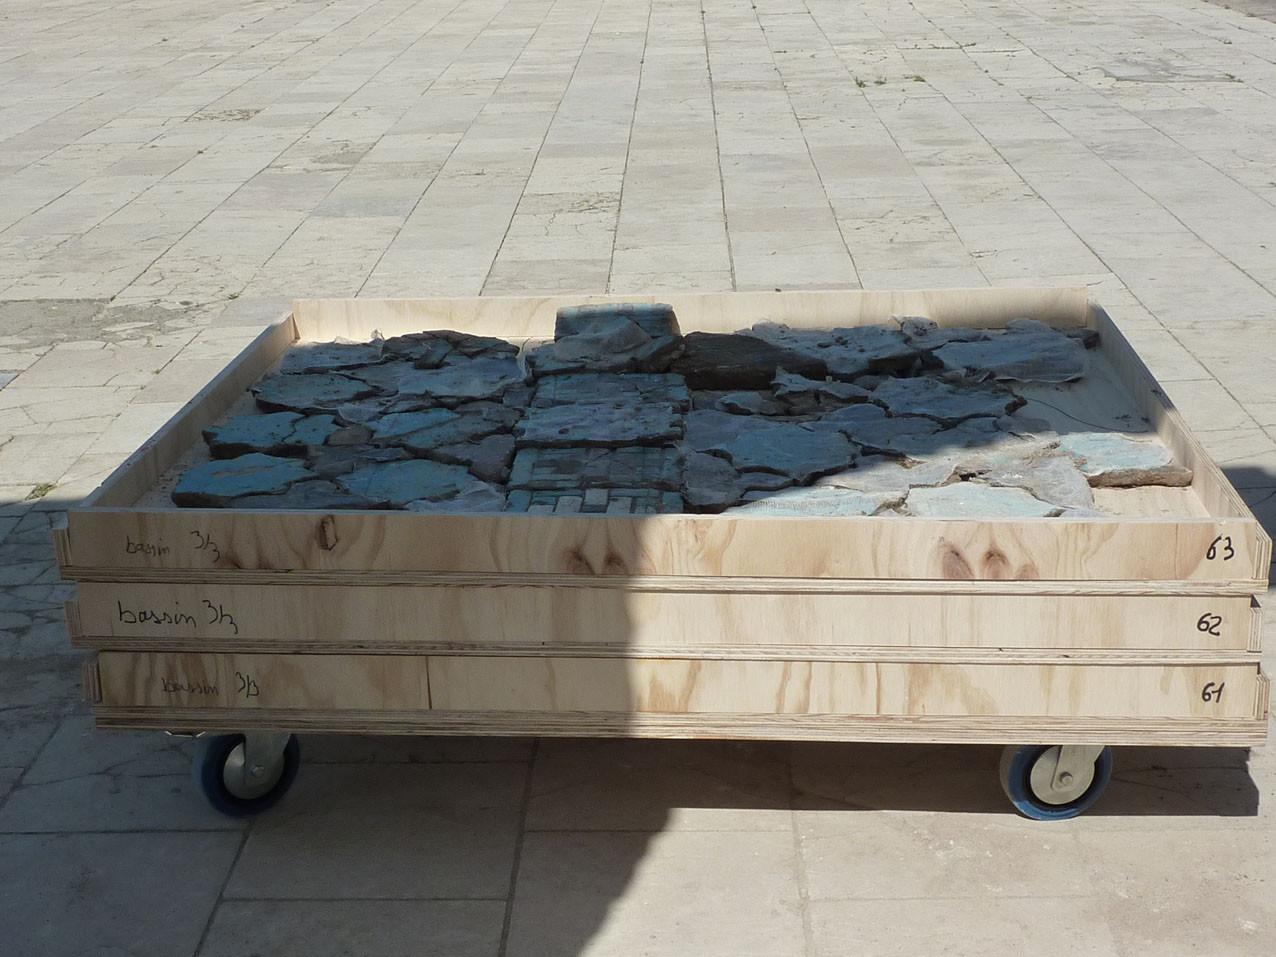 Bacs posés sur une planche à roulettes pour le transport au musée (Socra, 2012)